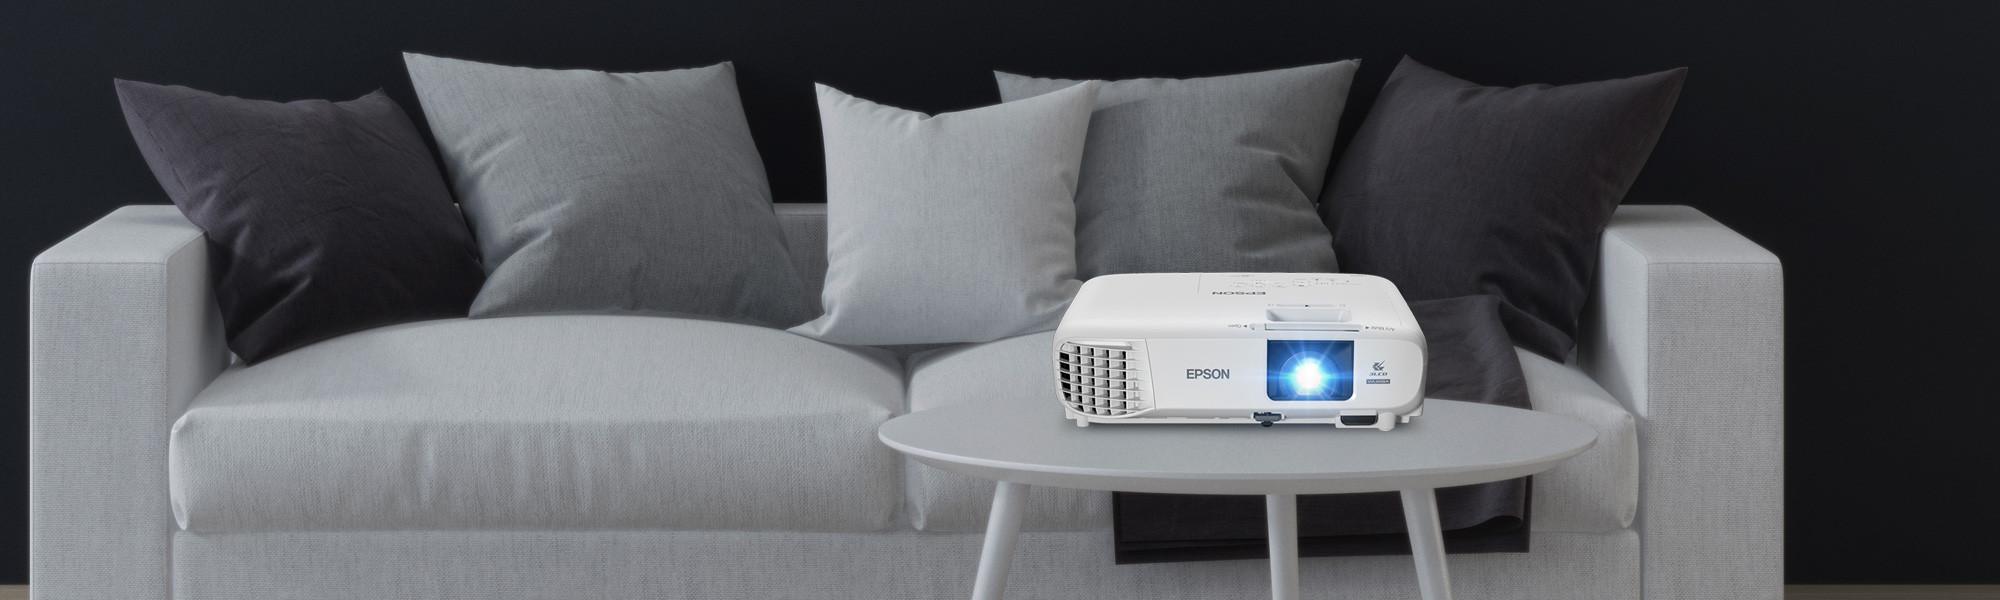 ویدئو پروژکتور اپسون مدل EPSON EB-U05